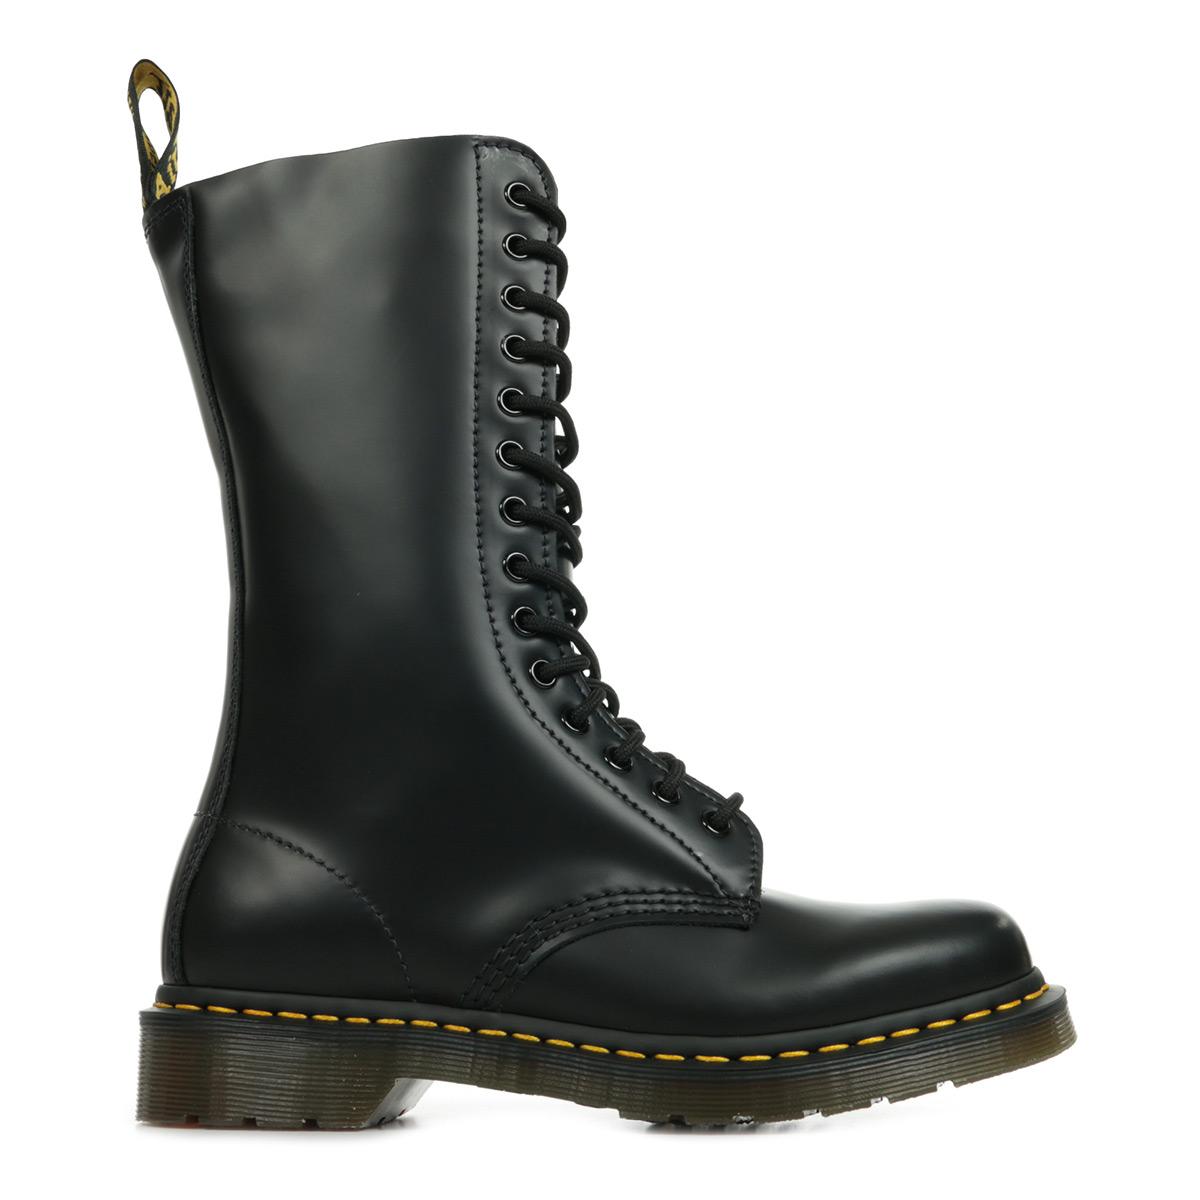 37f354d680032 Chaussures Dr. Martens - Achat   Vente Baskets Dr. Martens pas cher